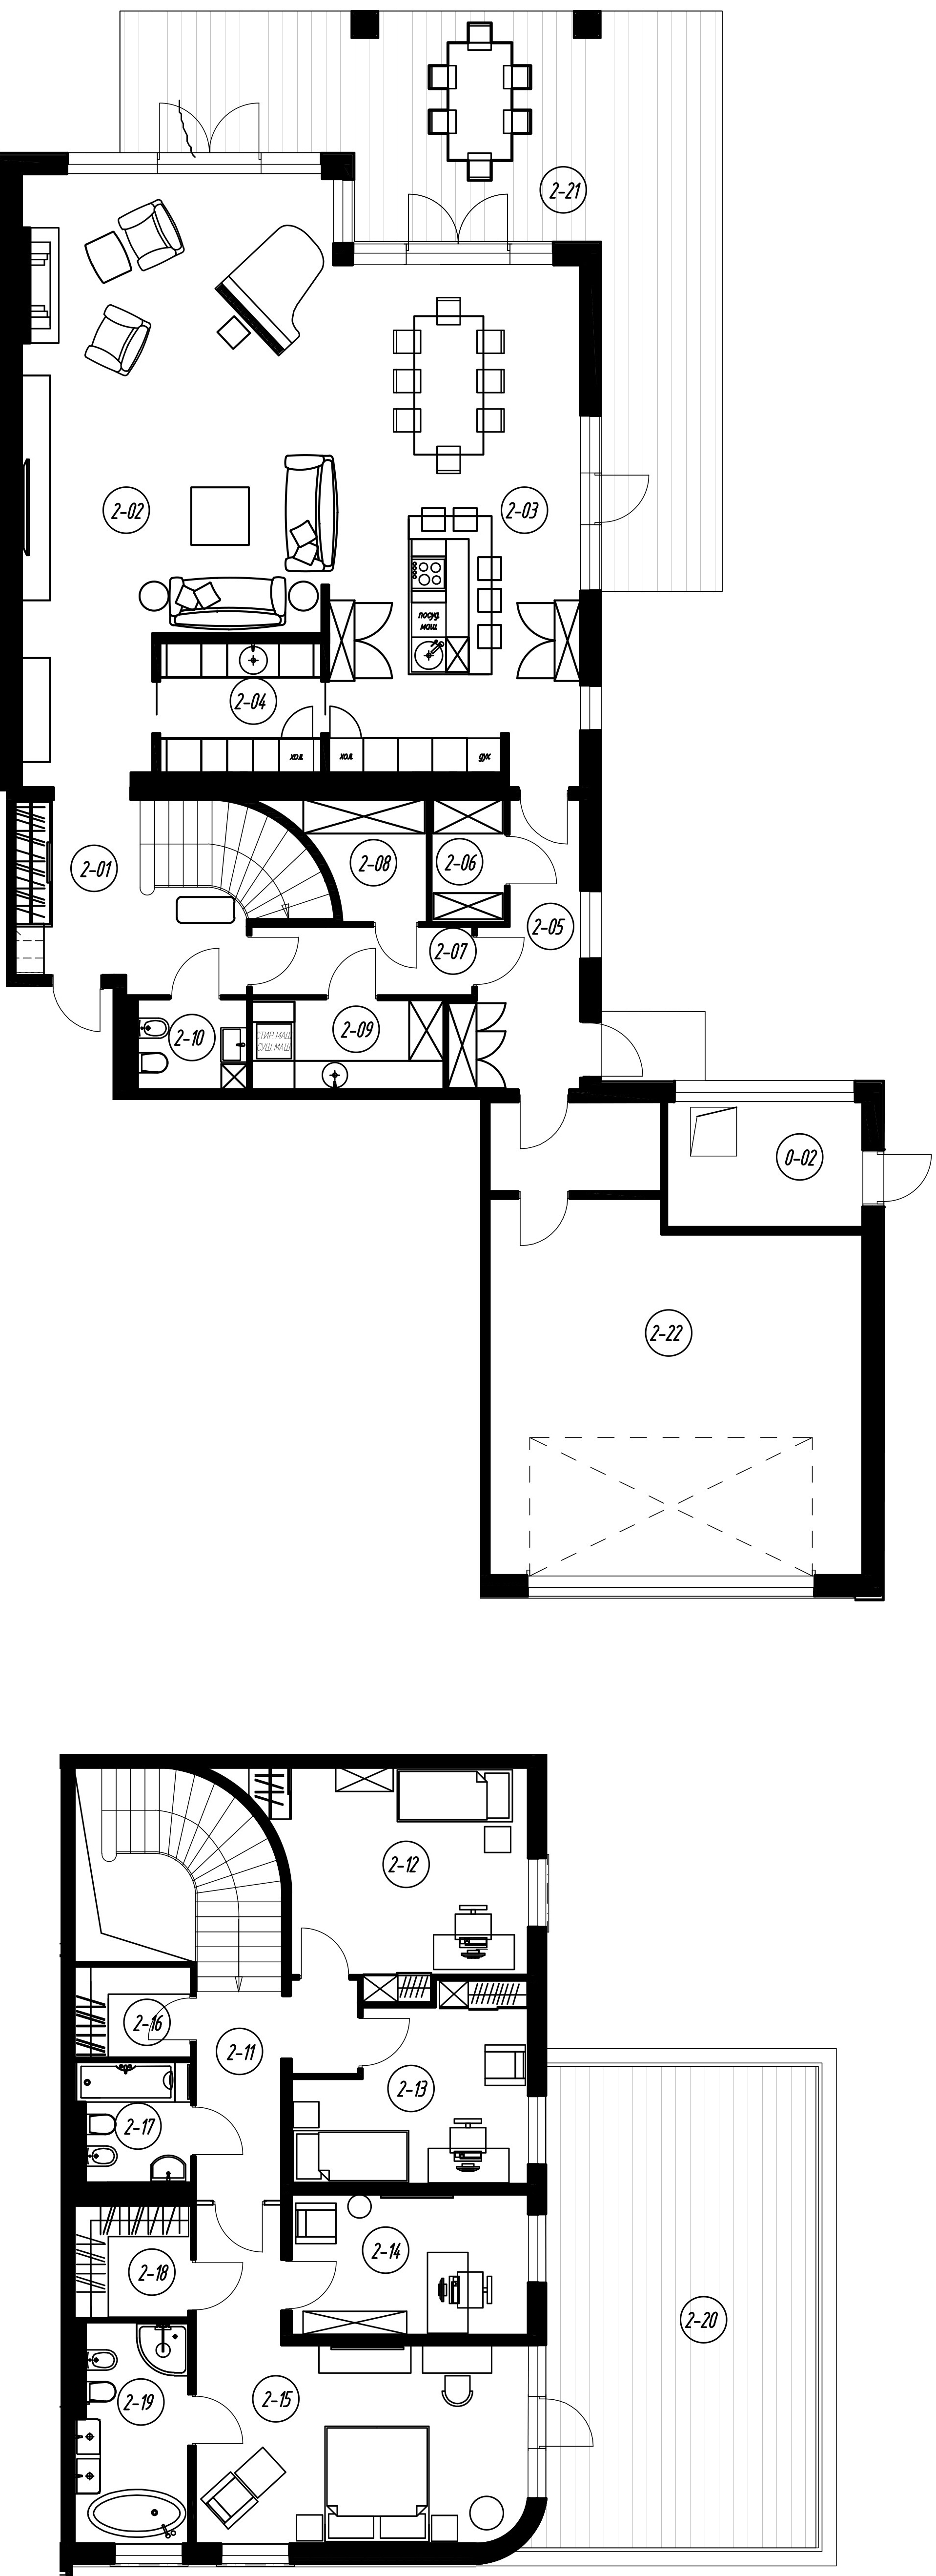 4-комнатная 357 м<sup>2</sup> на 1 этаже